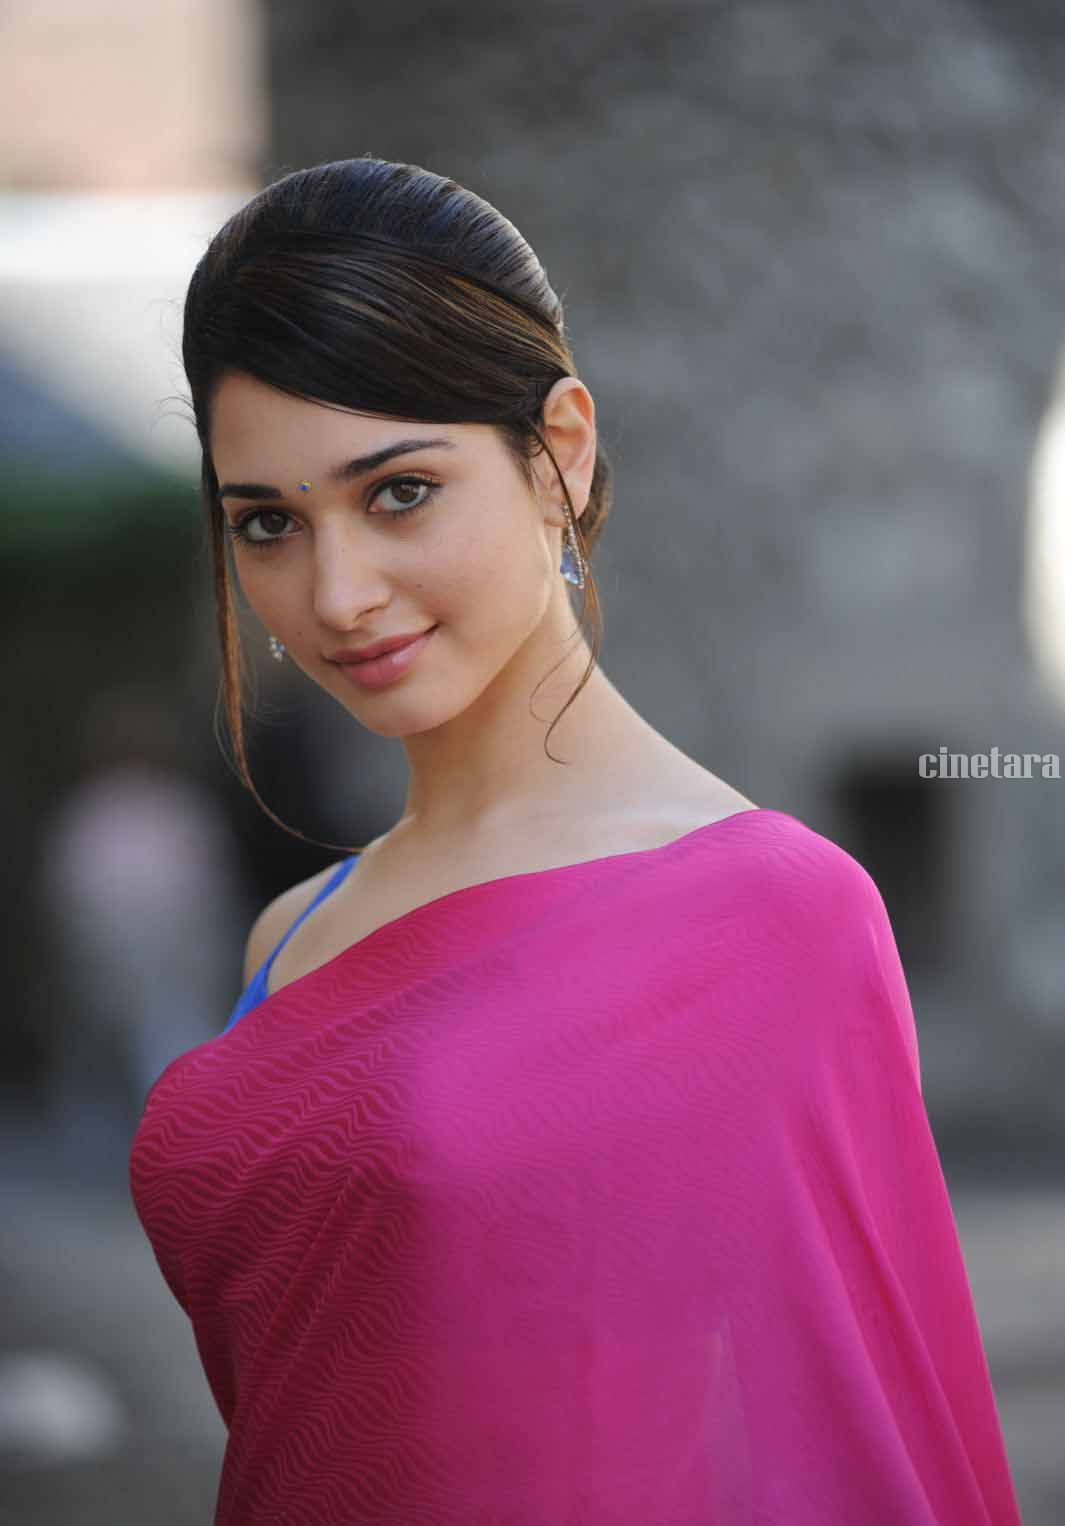 film actress tamannah bhatia - photo #18